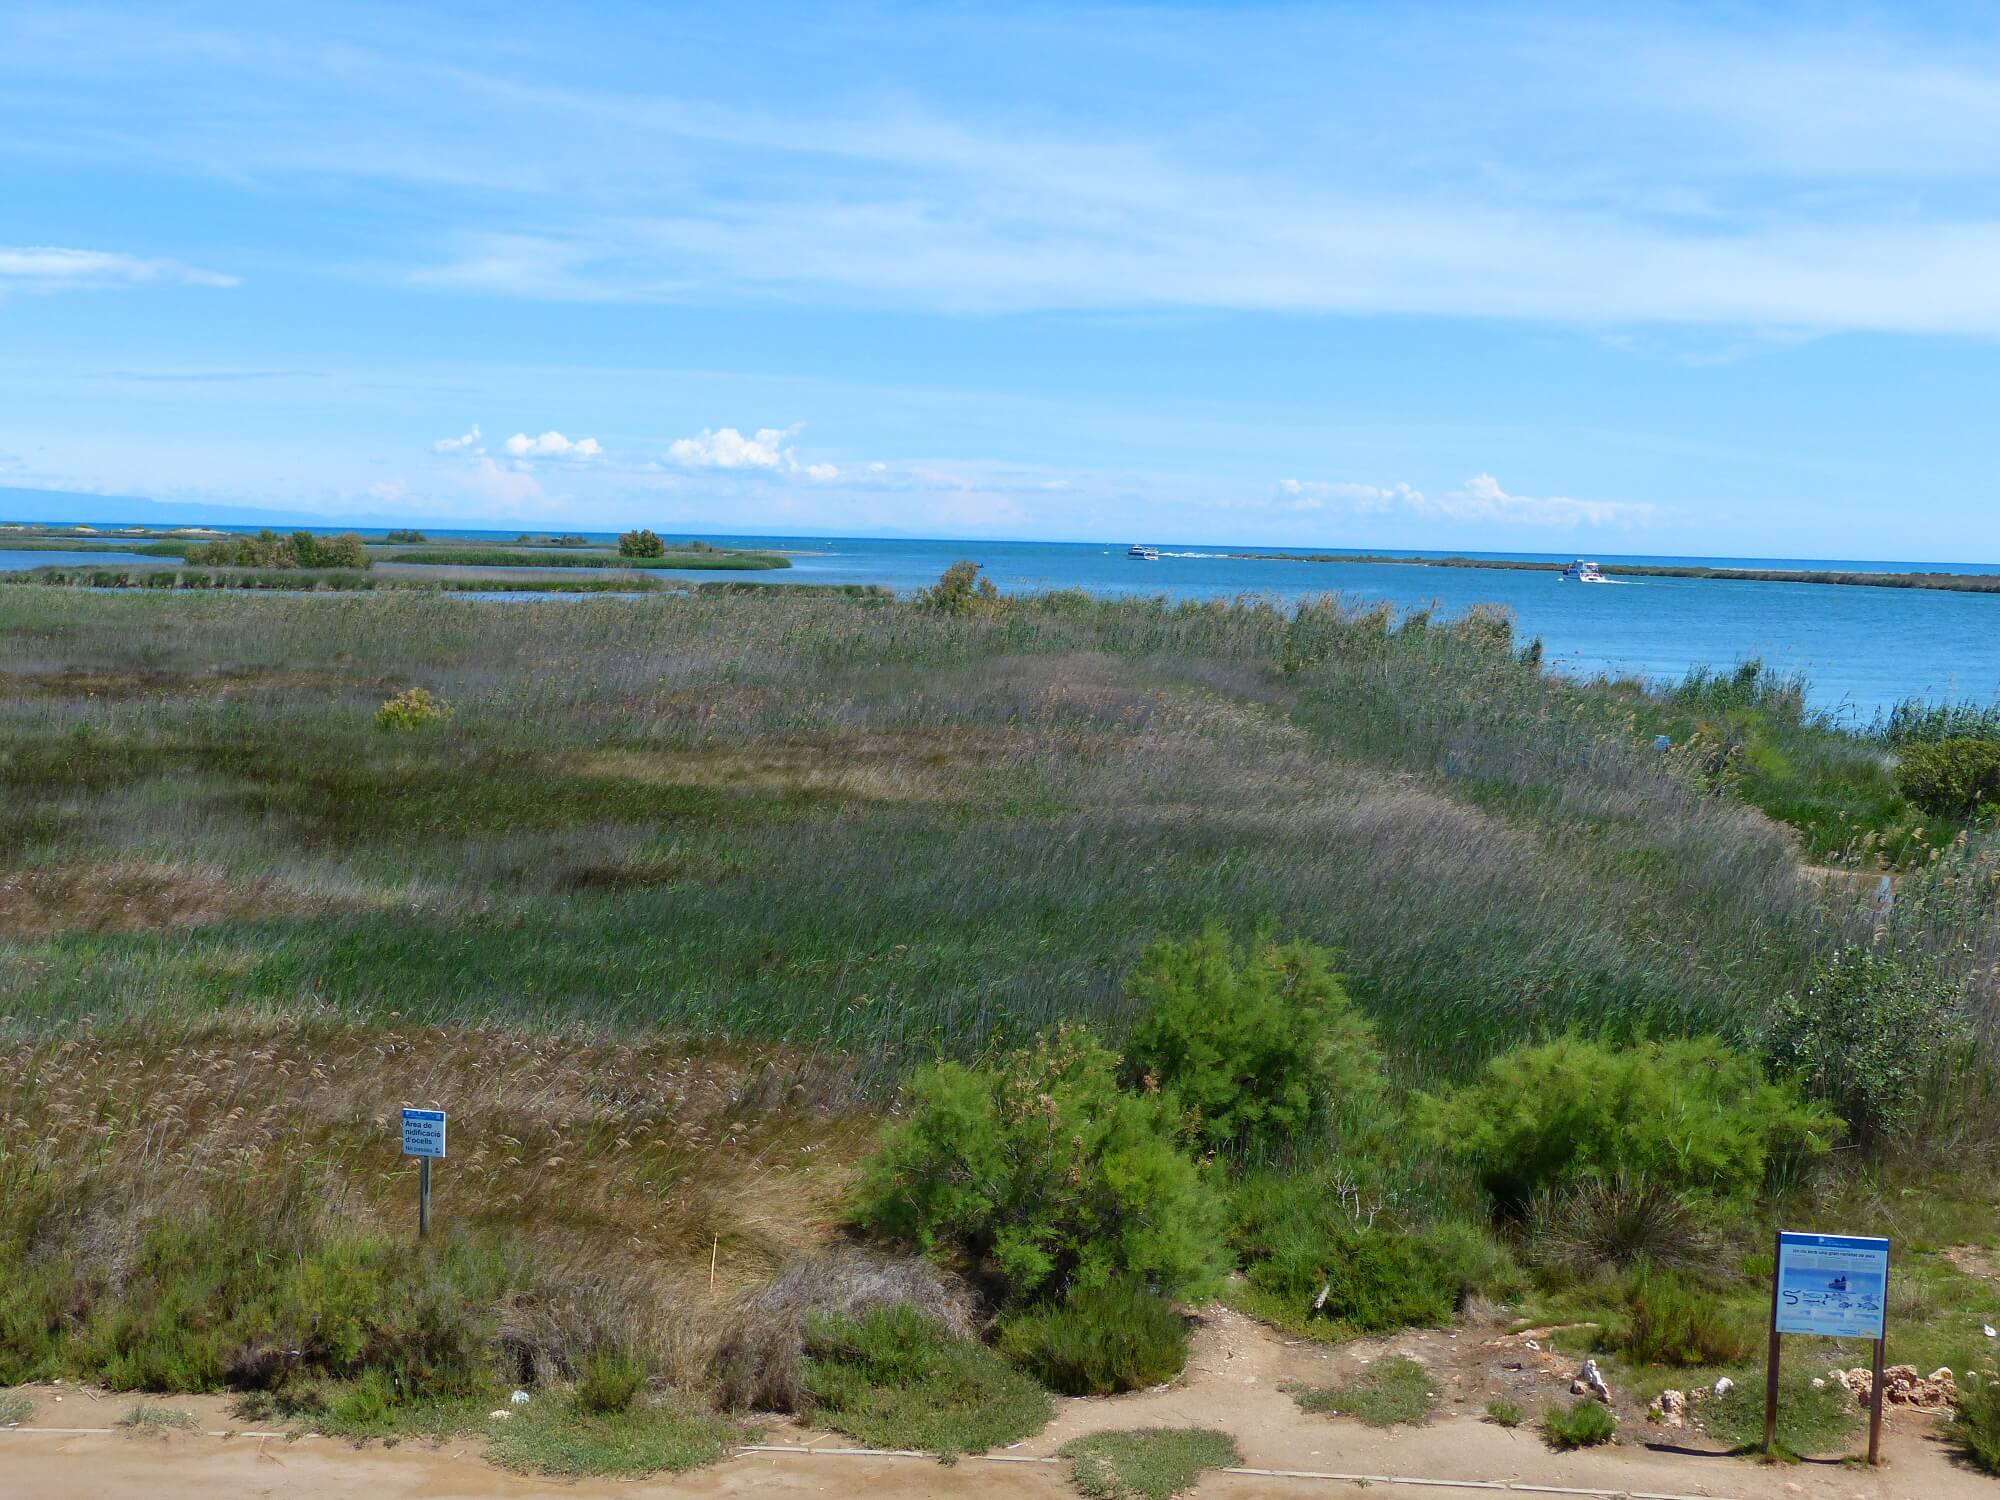 """Blick auf die Mündung des Ebros ins Mittelmeer, am Rande des """"Parc Natural del Delta de l'Ebre"""""""